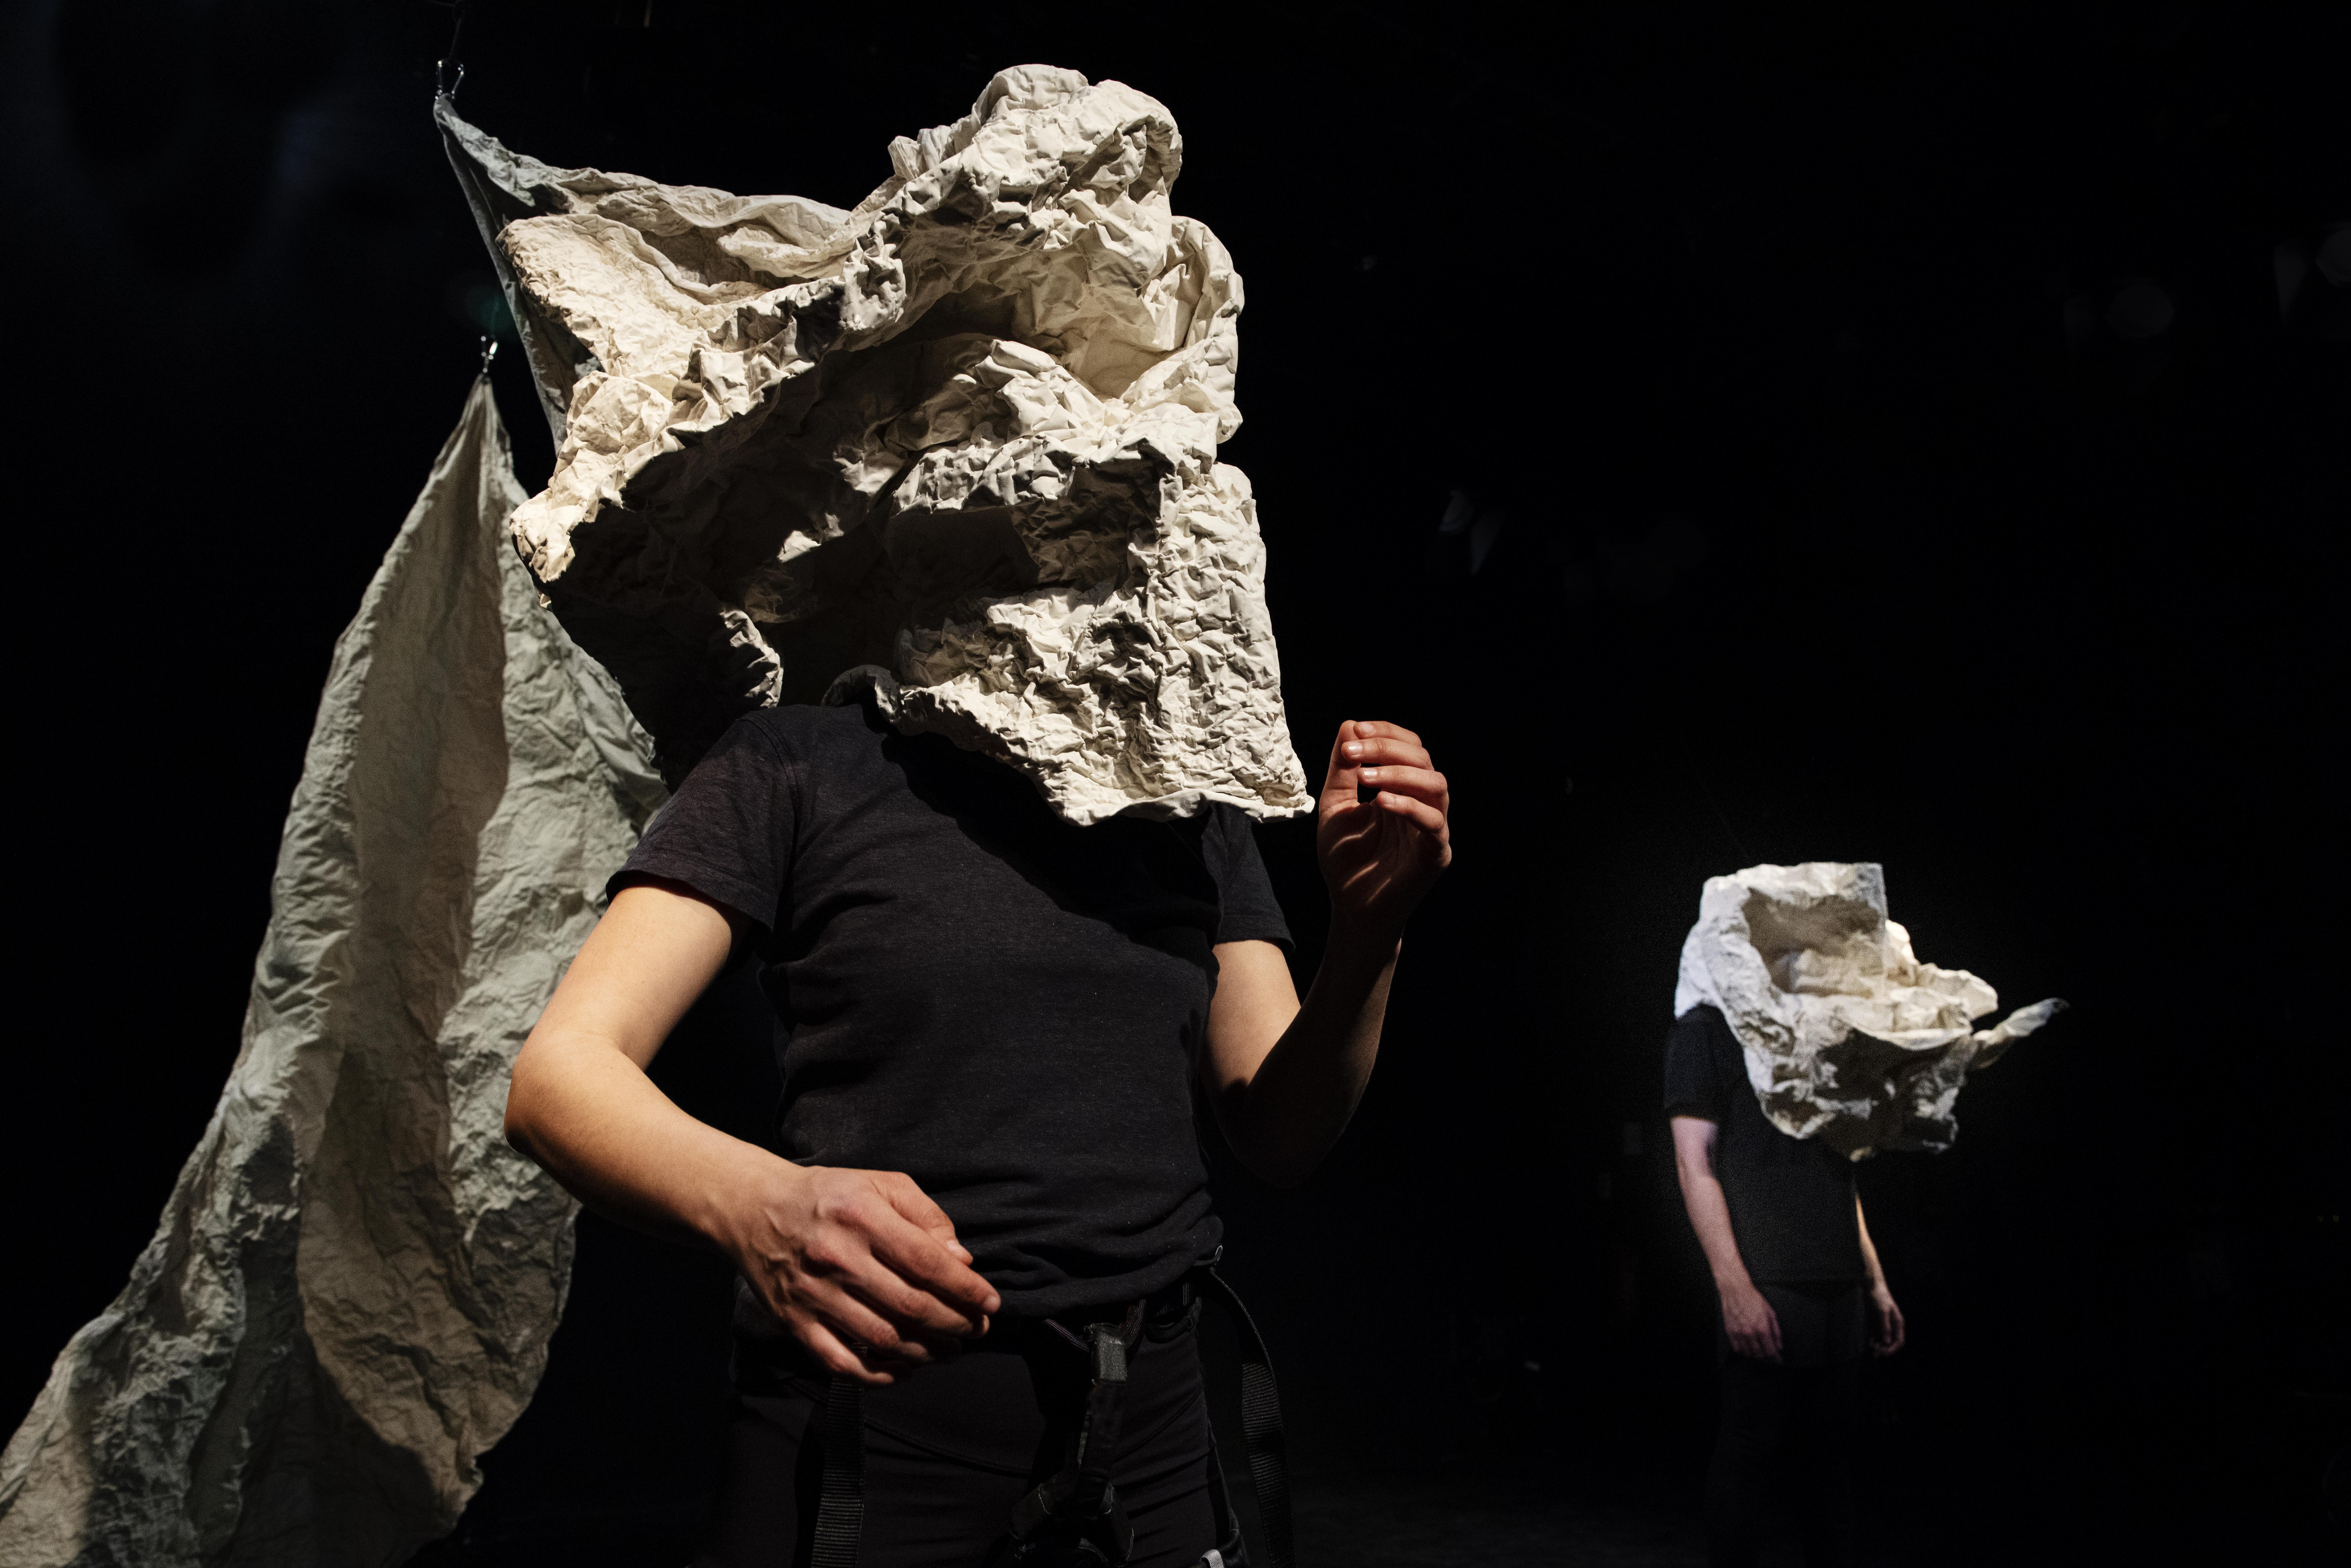 auf der Bühne stehen zwei Spieler*innen mit großen geformten Masken aus weißer formbarer Folie